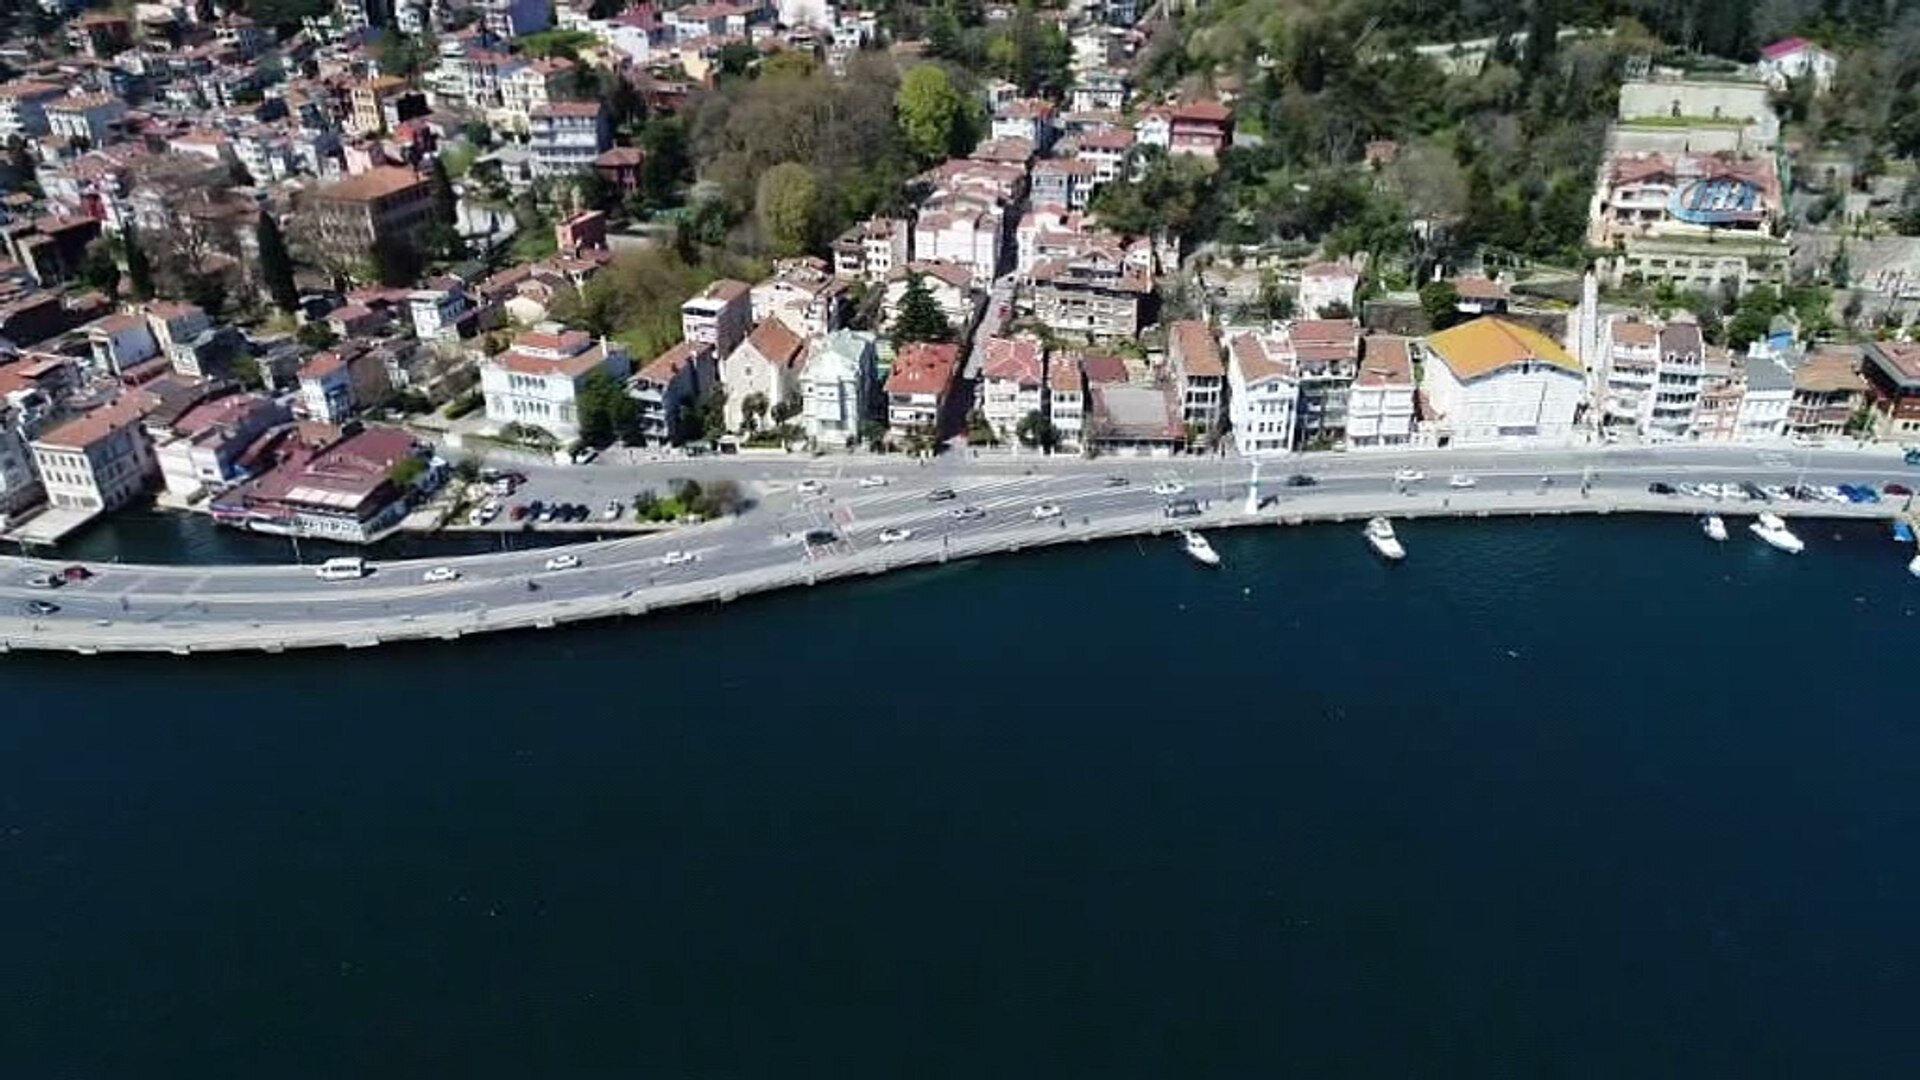 İstanbul'da ortalamada en yüksek kira m2 fiyatı ilçe bazında 30 lira ile Sarıyer'de ortaya çıkıyor.